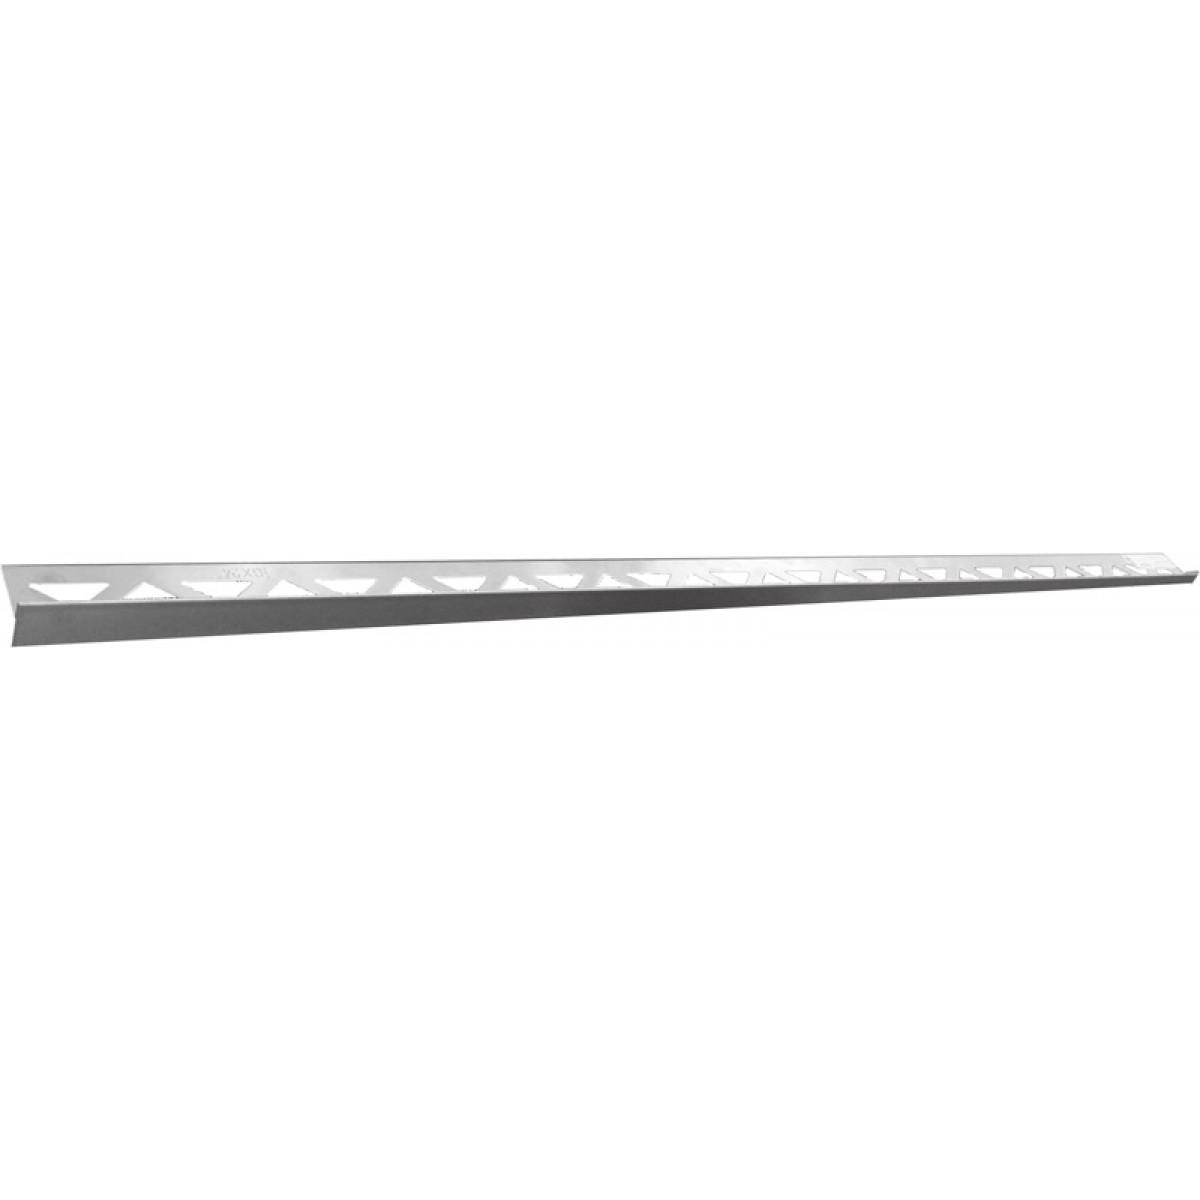 Edelstahl-Duschprofil mit Gefälle RECHTS FE-DP 200-8-40 -  8 mm / 200 cm Länge